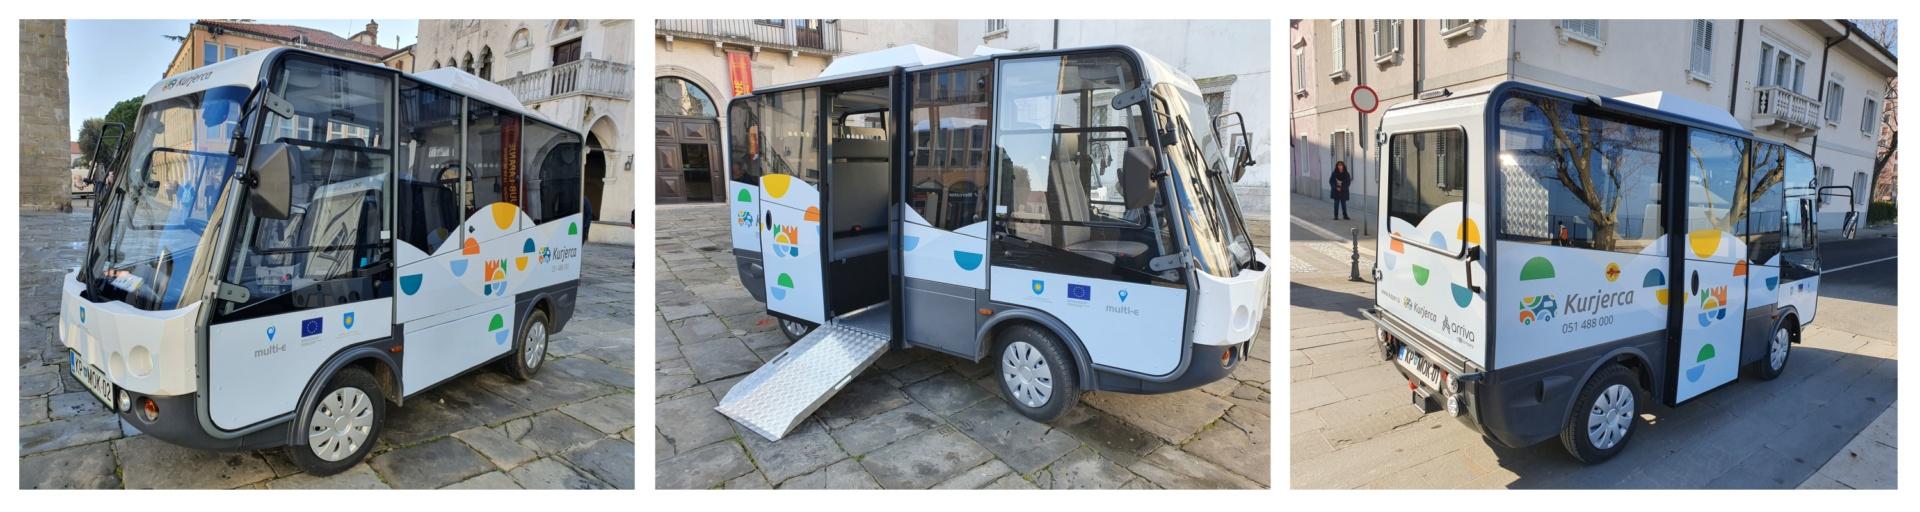 Na koprske ulice so danes zapeljala tri manjša vozila na električni pogon, ki bodo prebivalkam in prebivalcem mesta, še zlasti starejšim in gibalno oviranim, olajšala dostop do doma in javnih storitev ter skrajšala razdalje med pomembnejšimi cilji v mestni peš coni. Kurjerce, kot smo jih poimenovali, bodo po mestu vozile vsak dan med 8. in 18. uro, vožnja z njimi bo za vse uporabnike brezplačna.